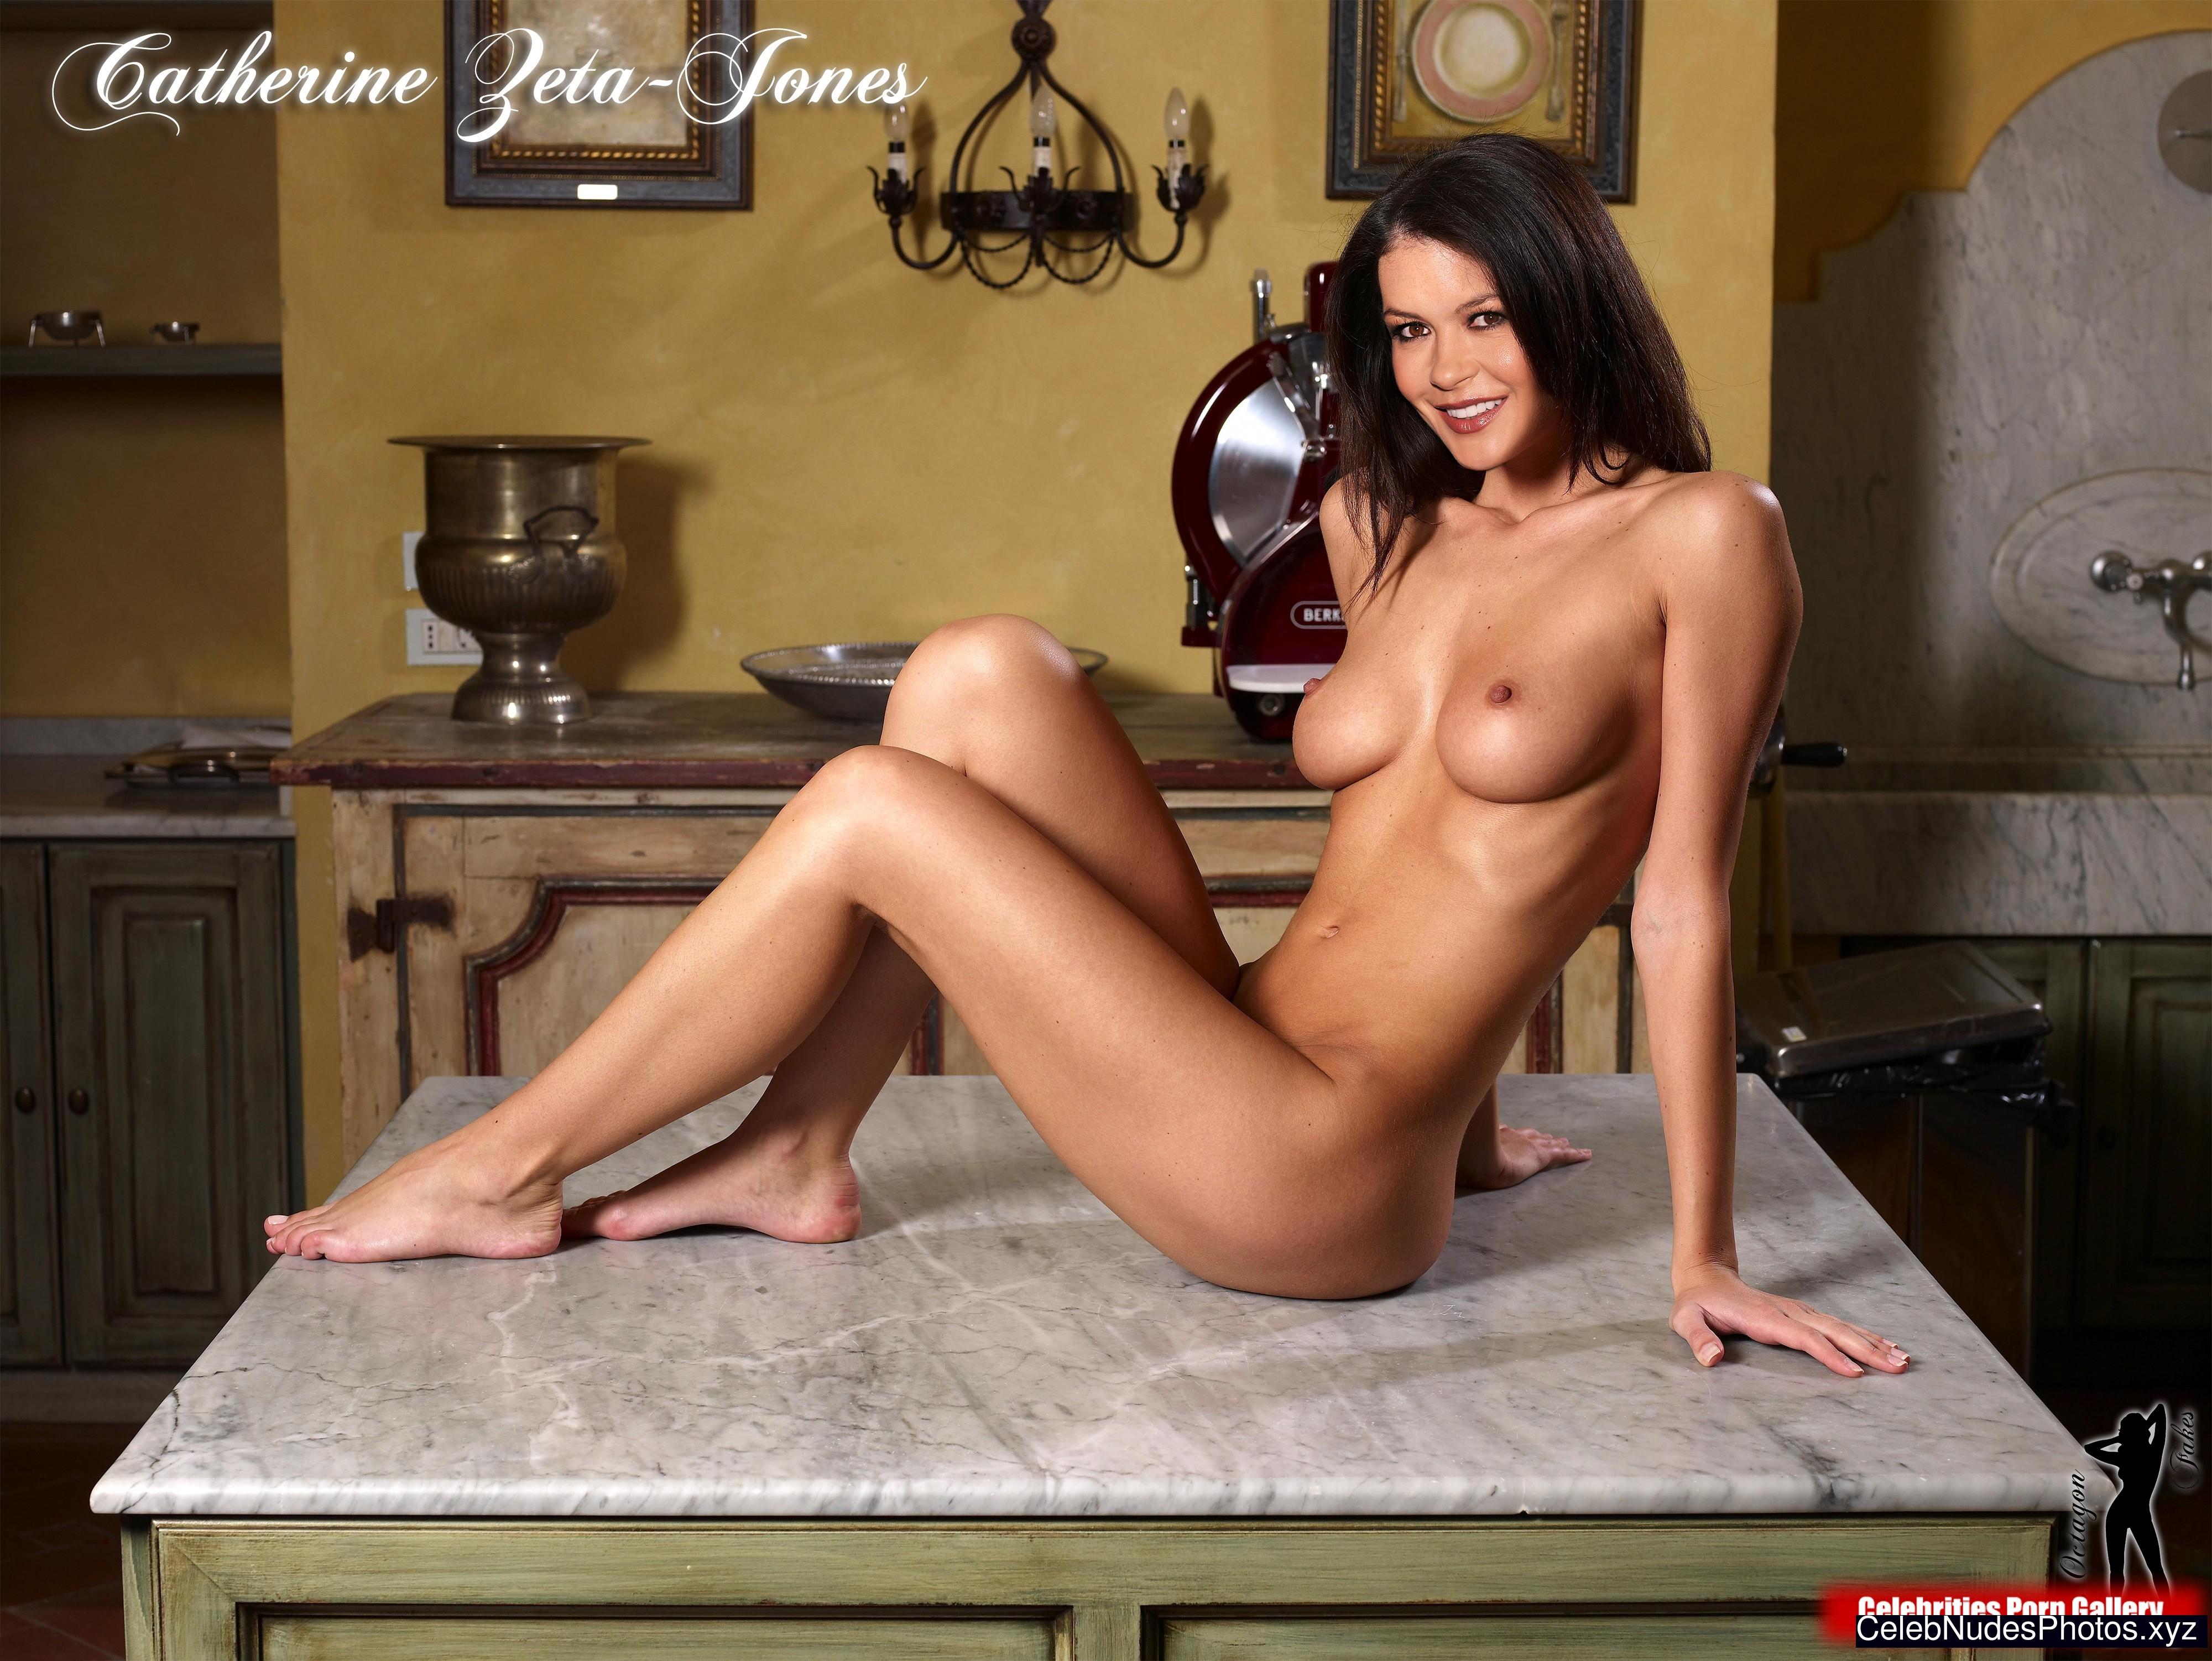 Catherine Zeta-Jones Celebrity Leaked Nude Photo sexy 13